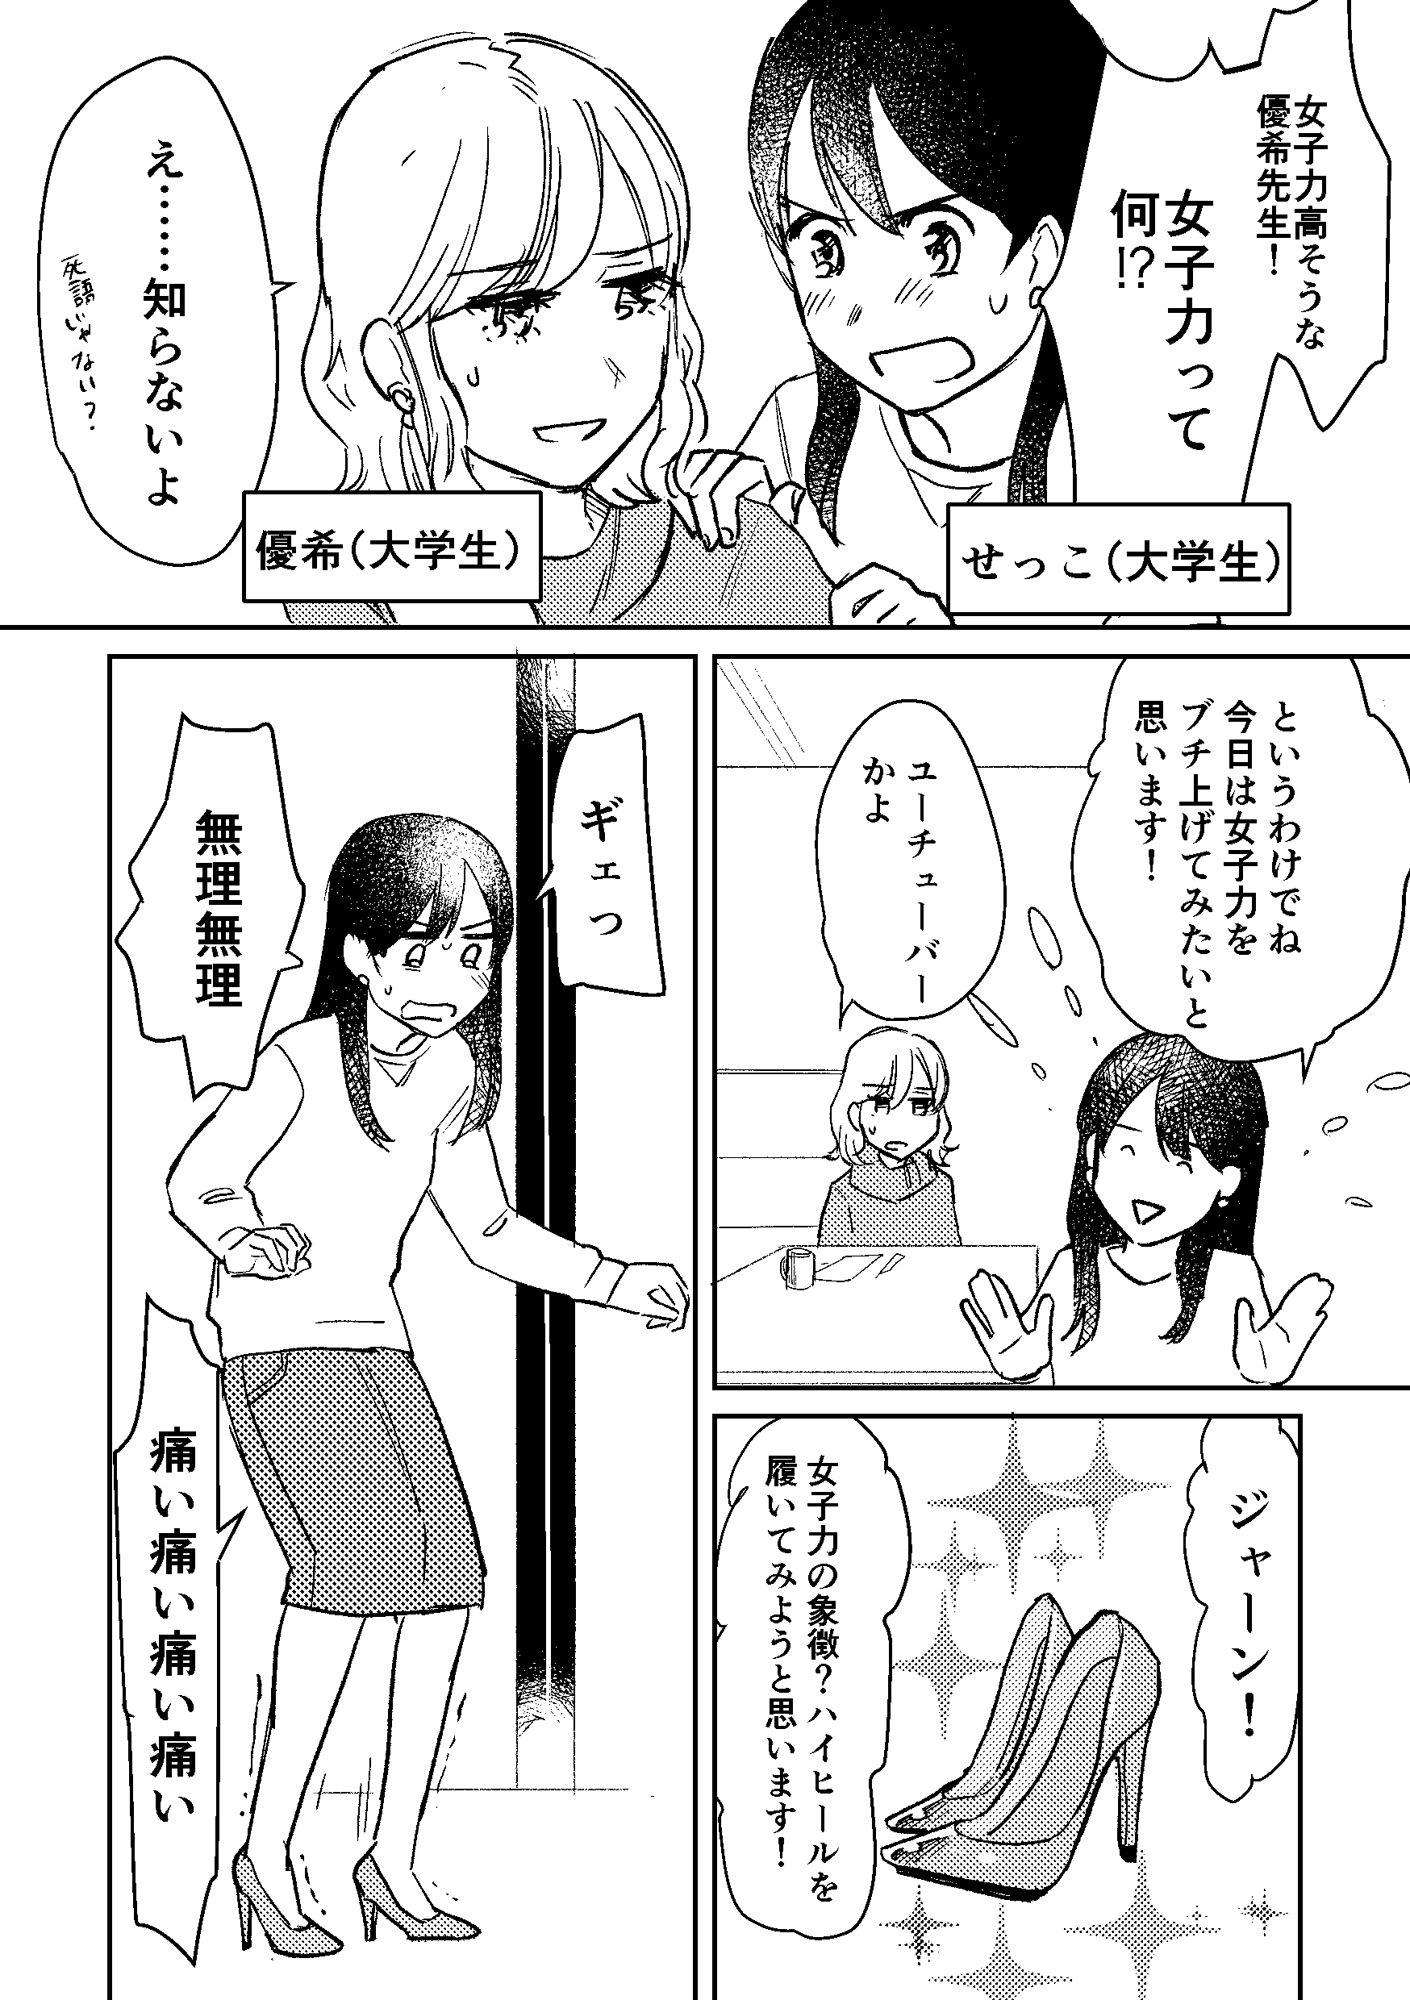 セックスの誘い方3 女子力ってなんなの編画像no.3